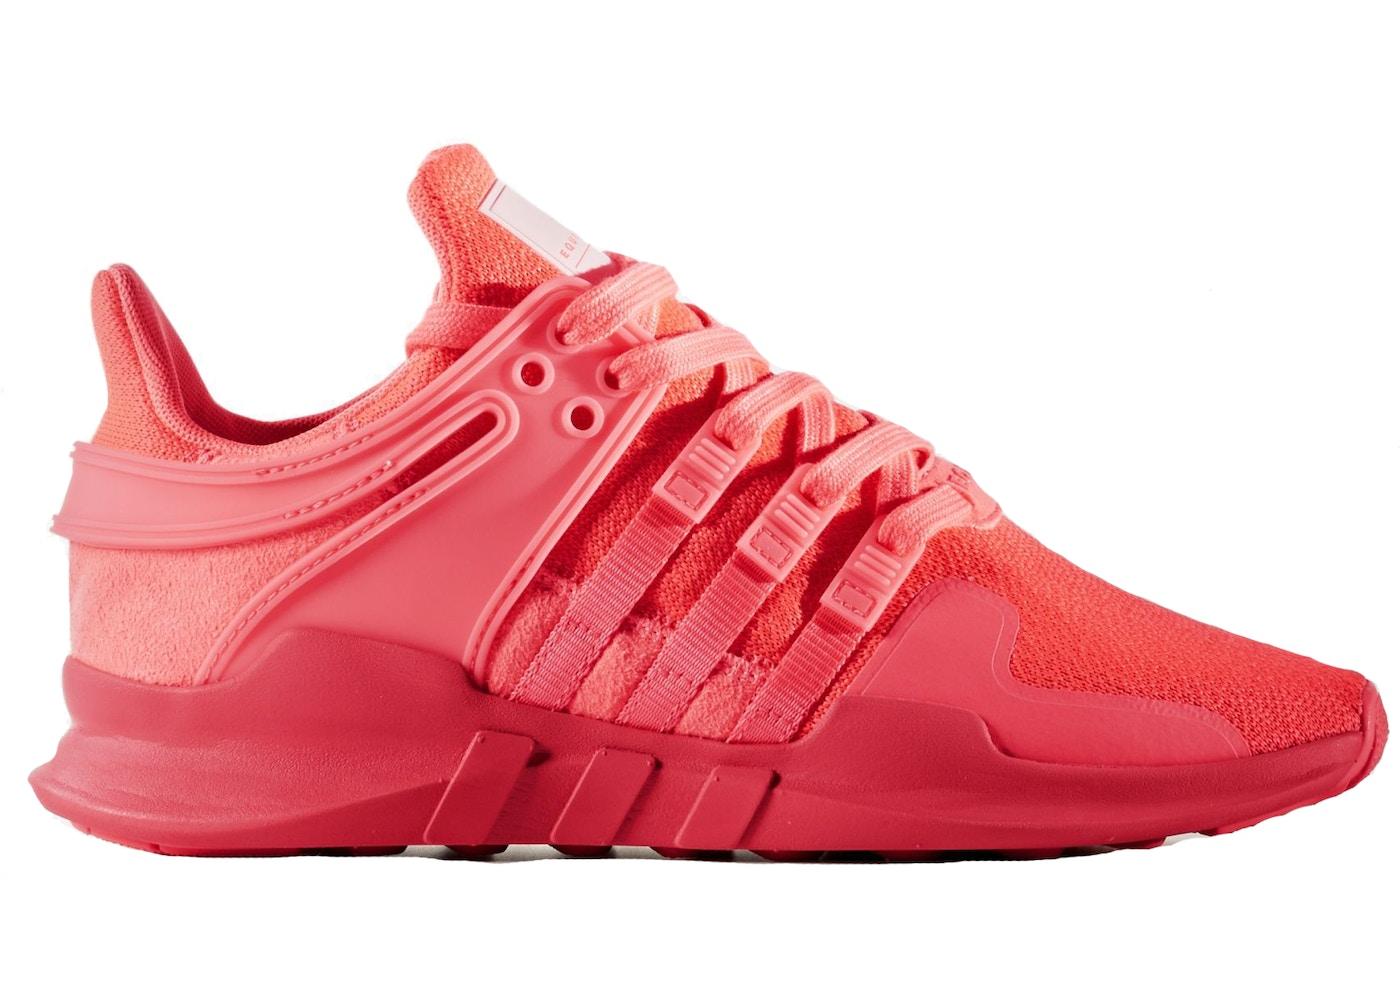 adidas eqt support adv rosa